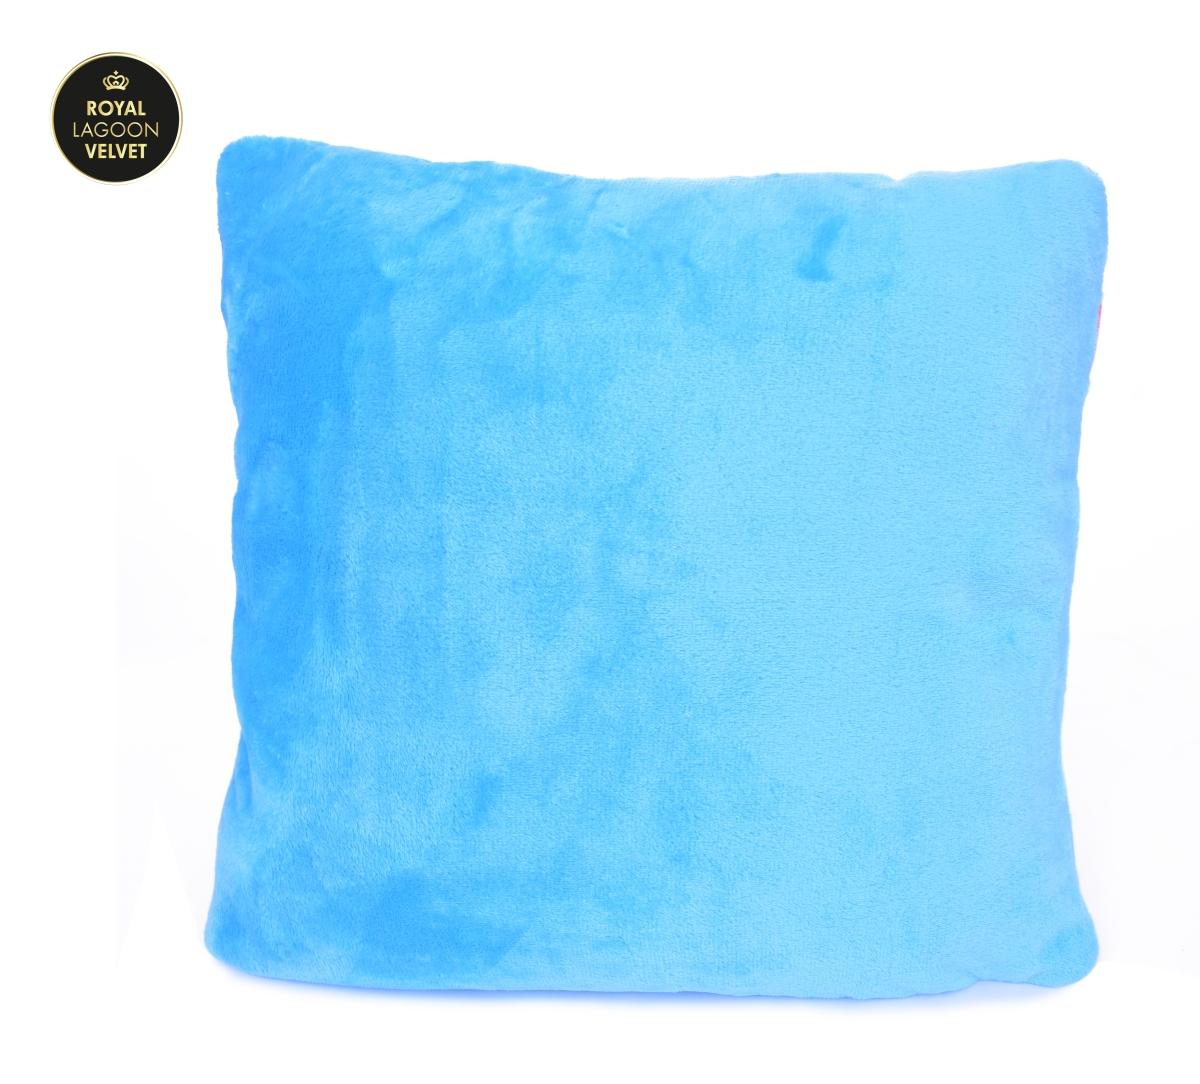 ROYAL LAGOON VELVET potah na polštář blankytně modrý